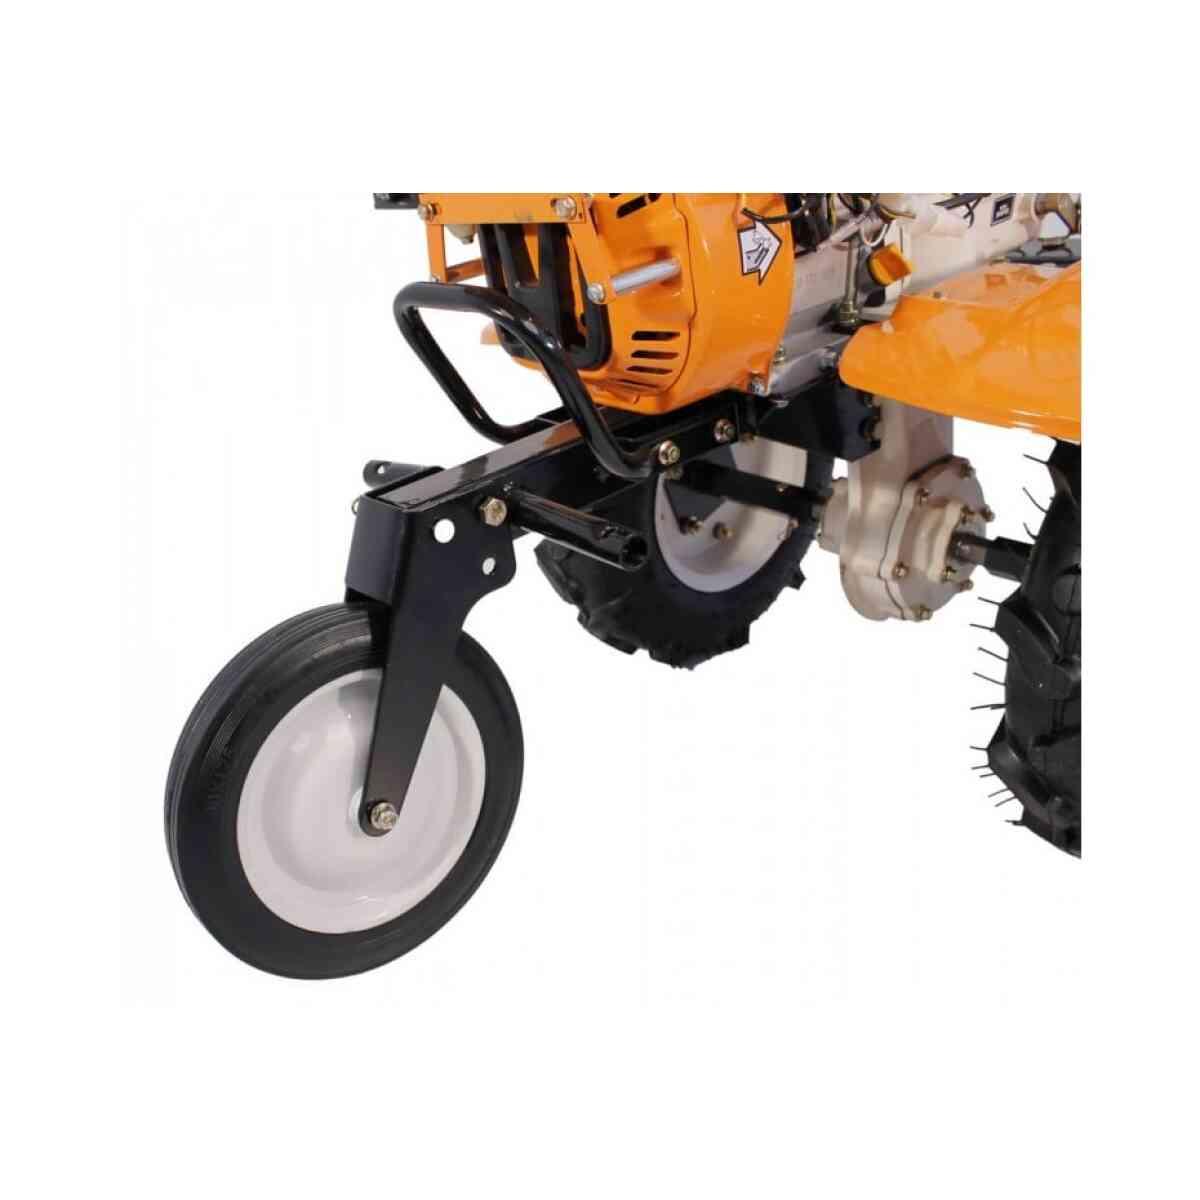 motocultor o mac new 1000 s 8cp cu roti o mac.ro 1 2 16